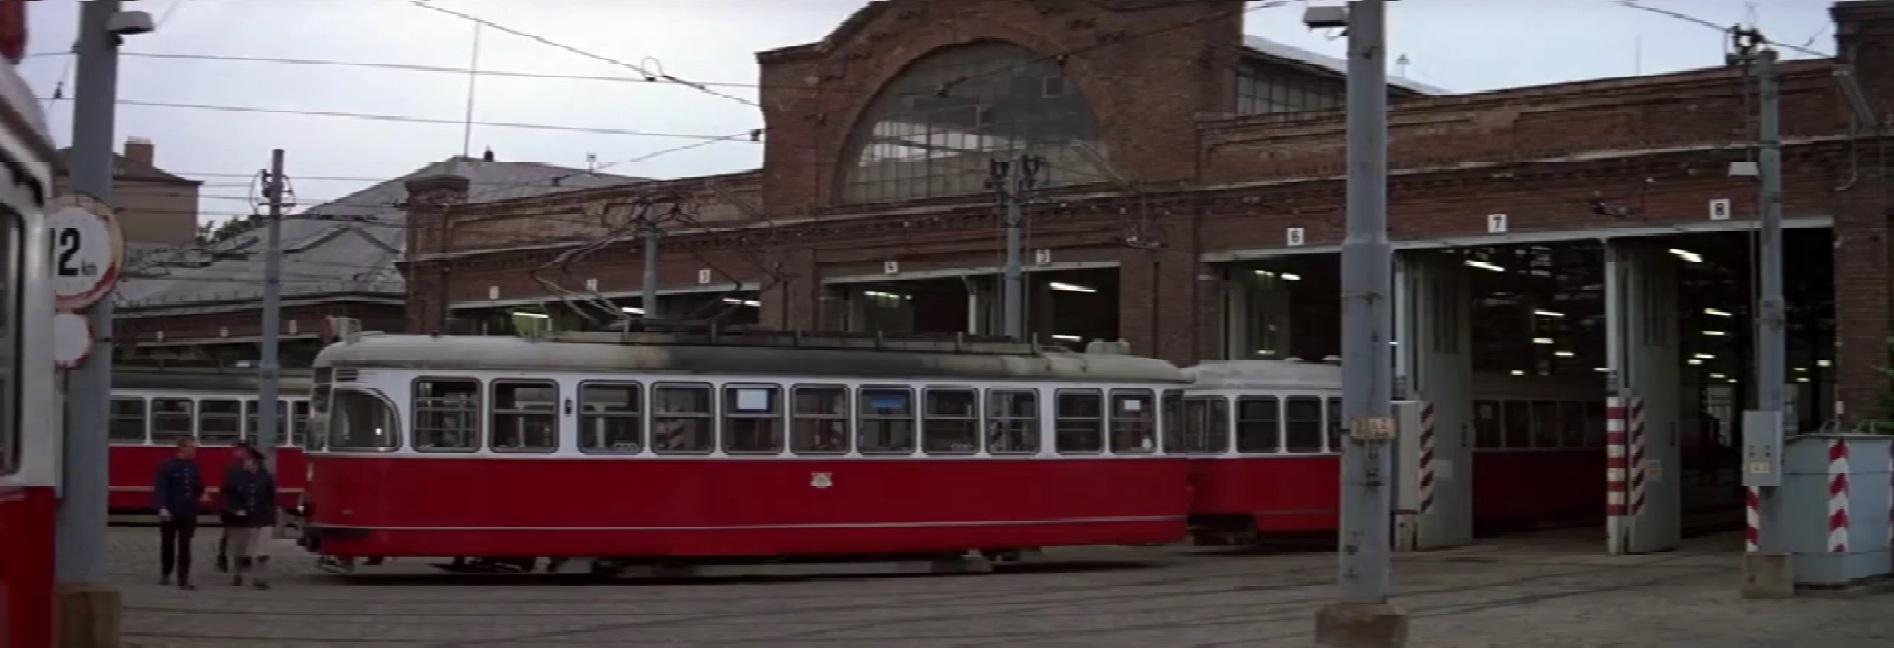 Jako konečná Karlova Ves posloužila dnes již zrušená vozovna Währing (Kreuzgasse).(Převzato z filmu Dech života/The Living Daylights)